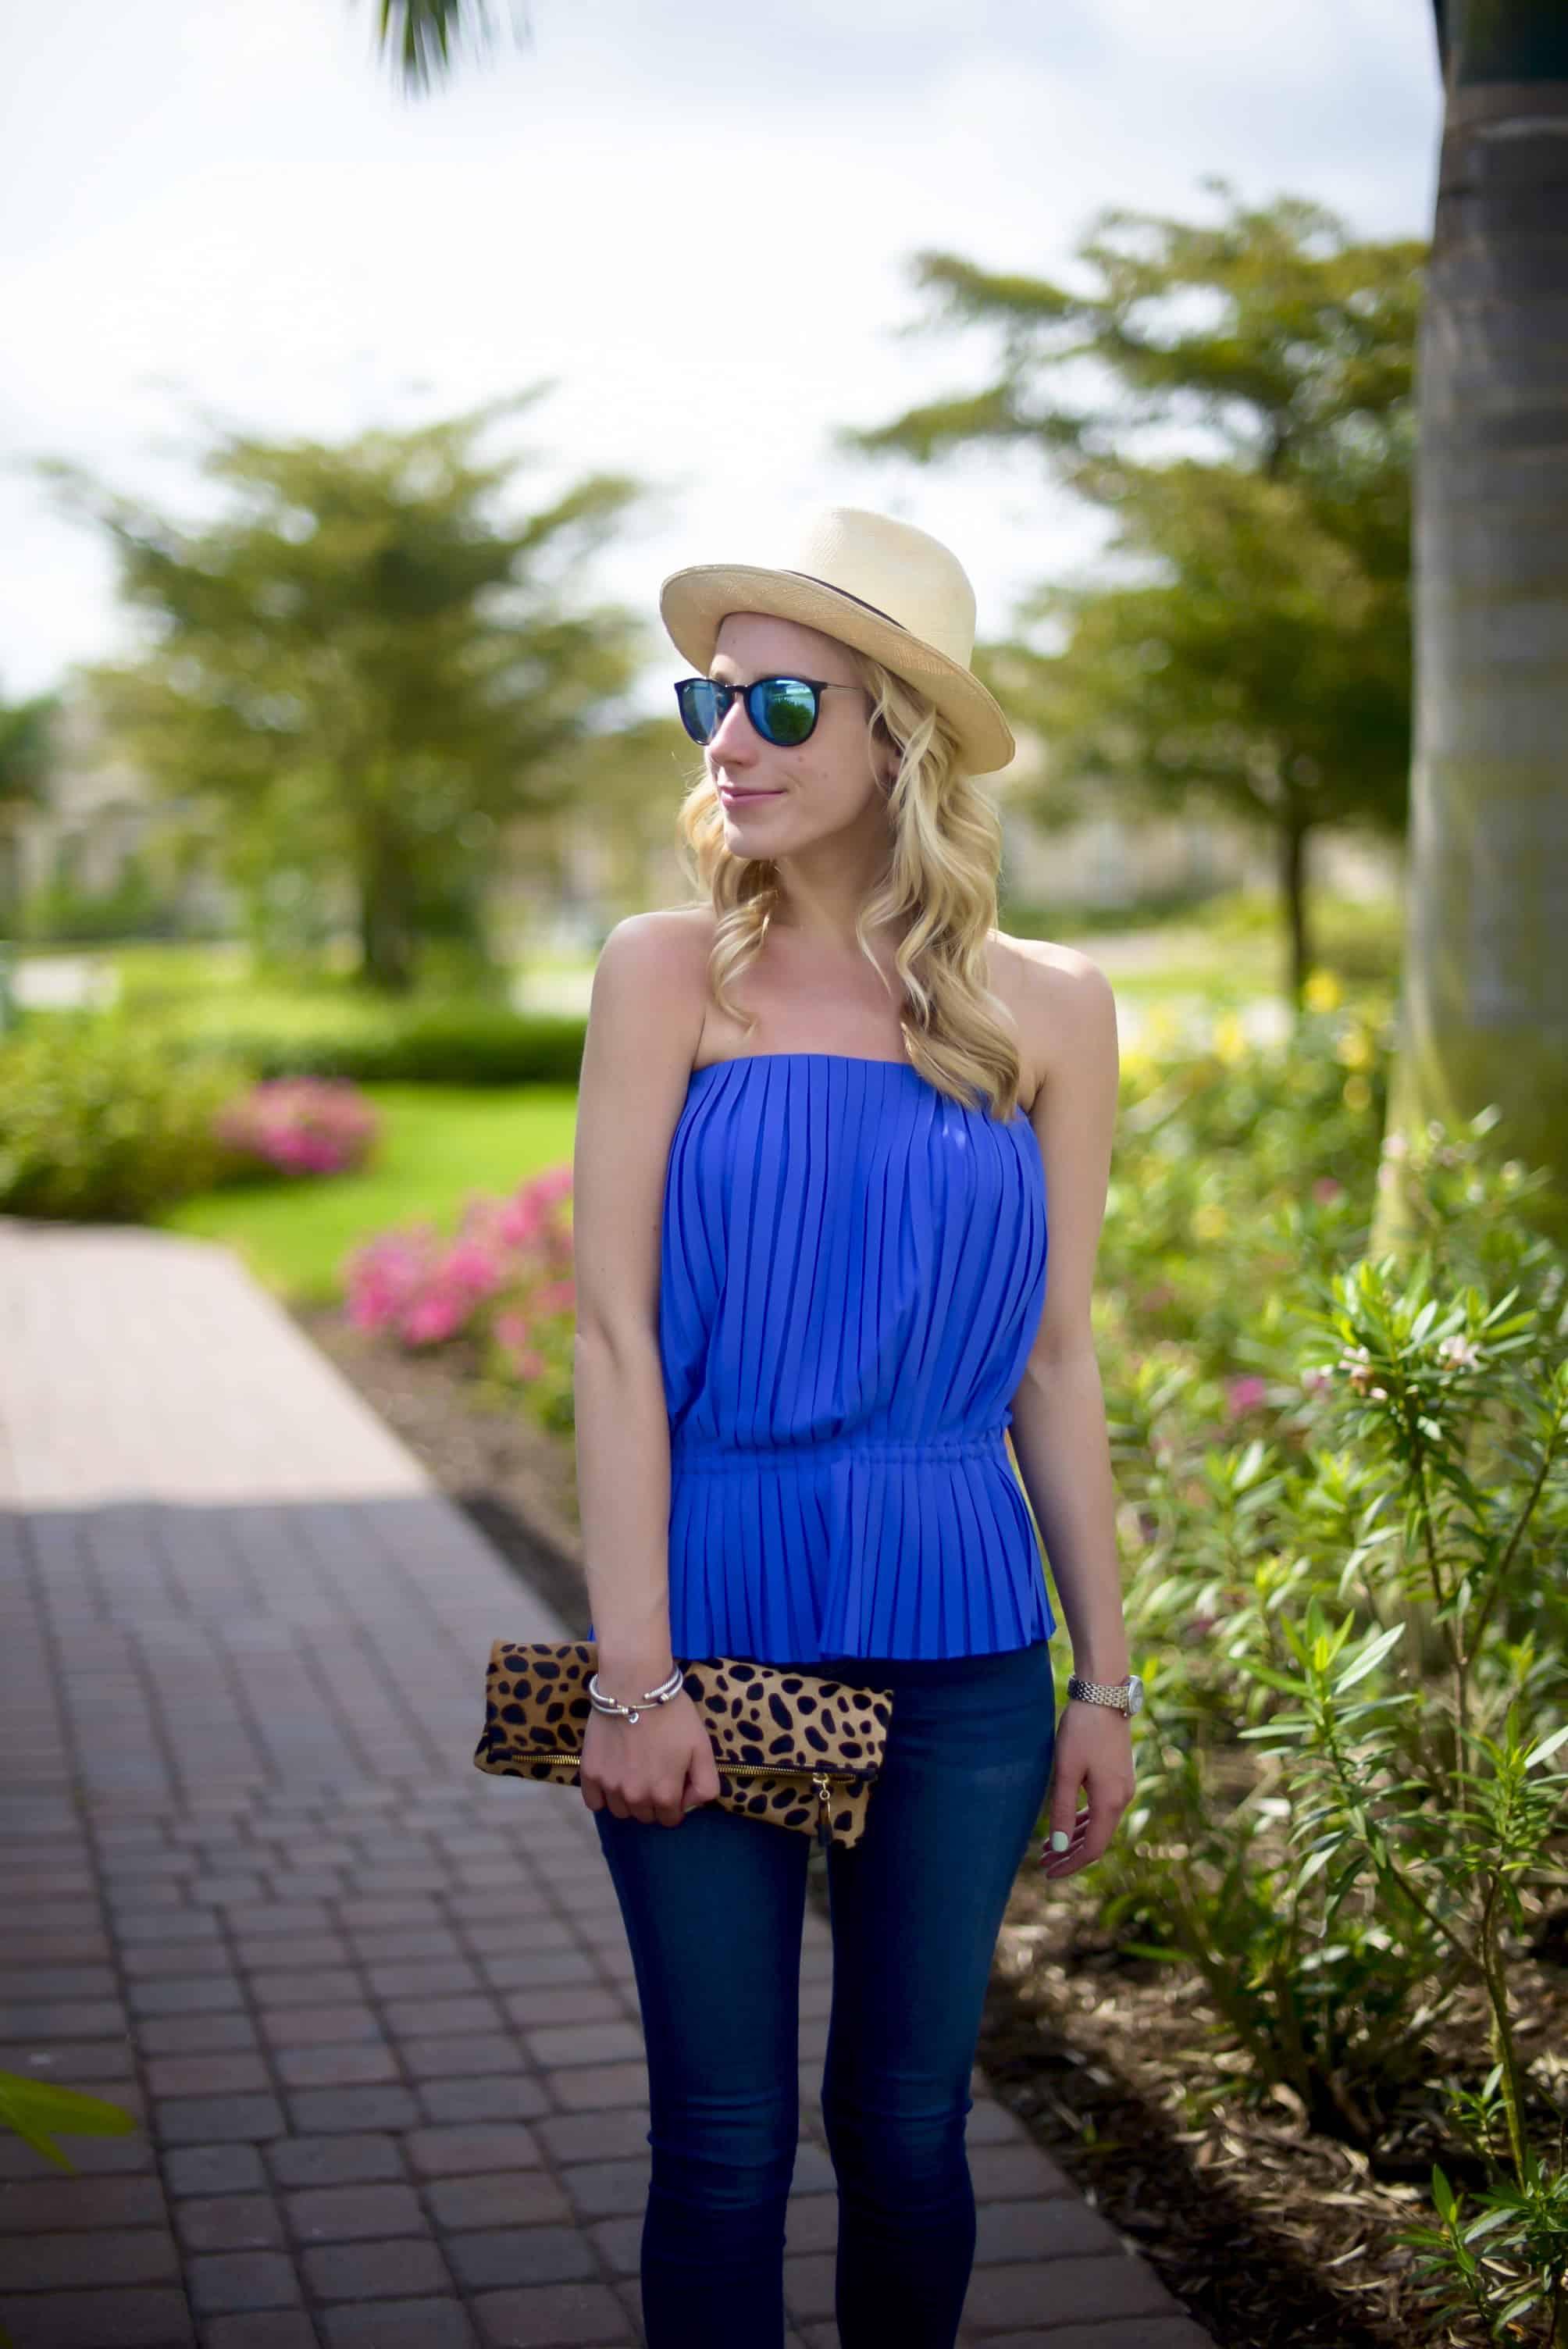 Nicole Miller Katies Bliss